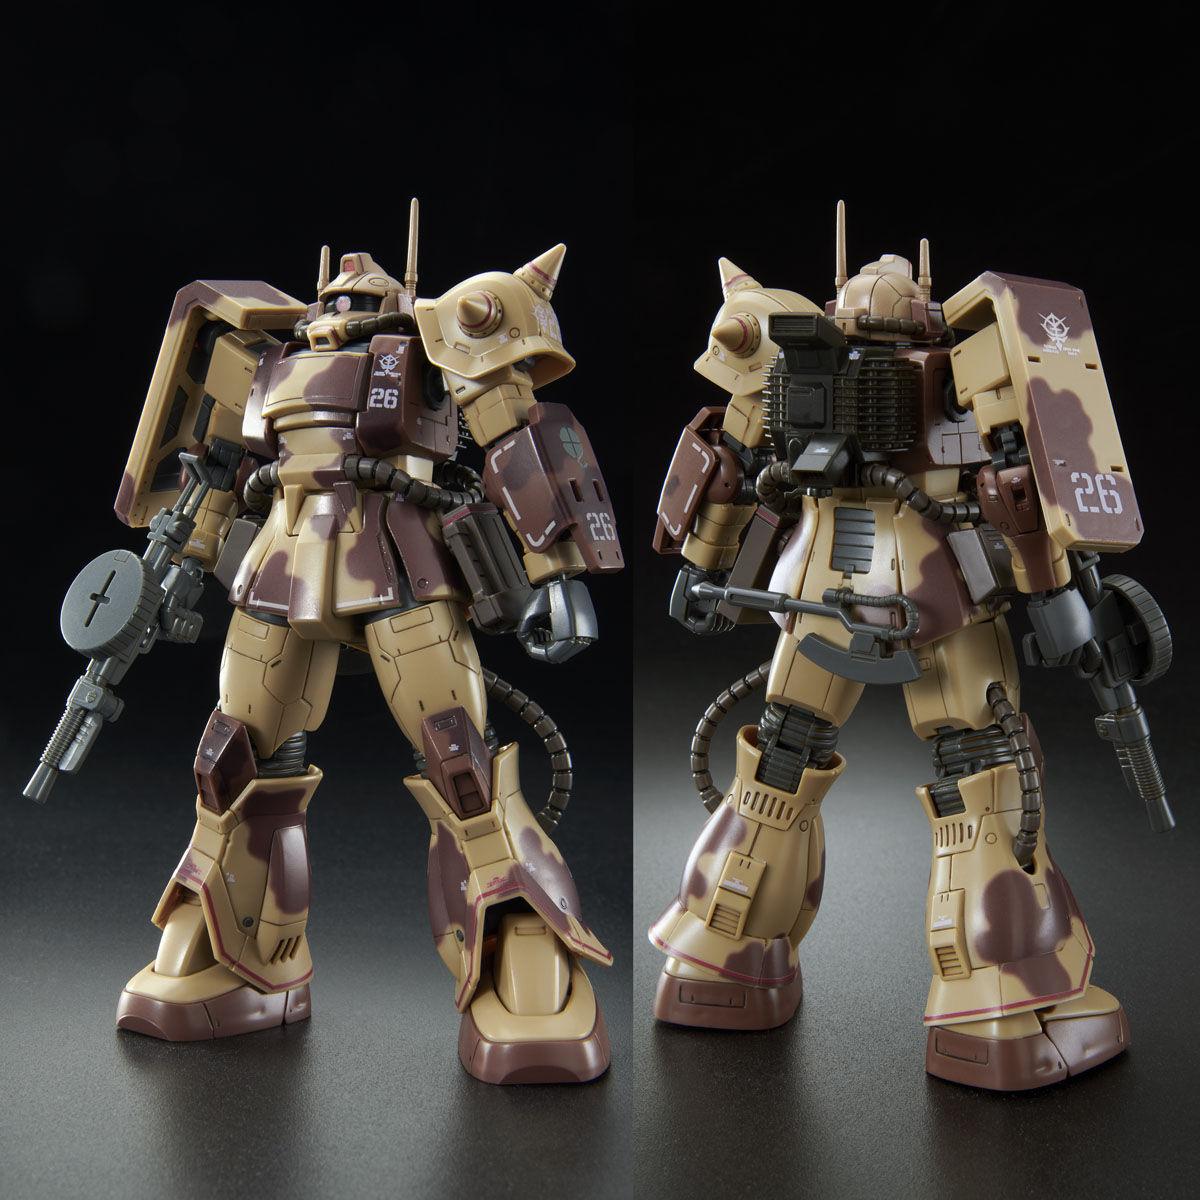 【限定販売】HG 1/144『ザク・デザートタイプ(ダブルアンテナ仕様)』プラモデル-003